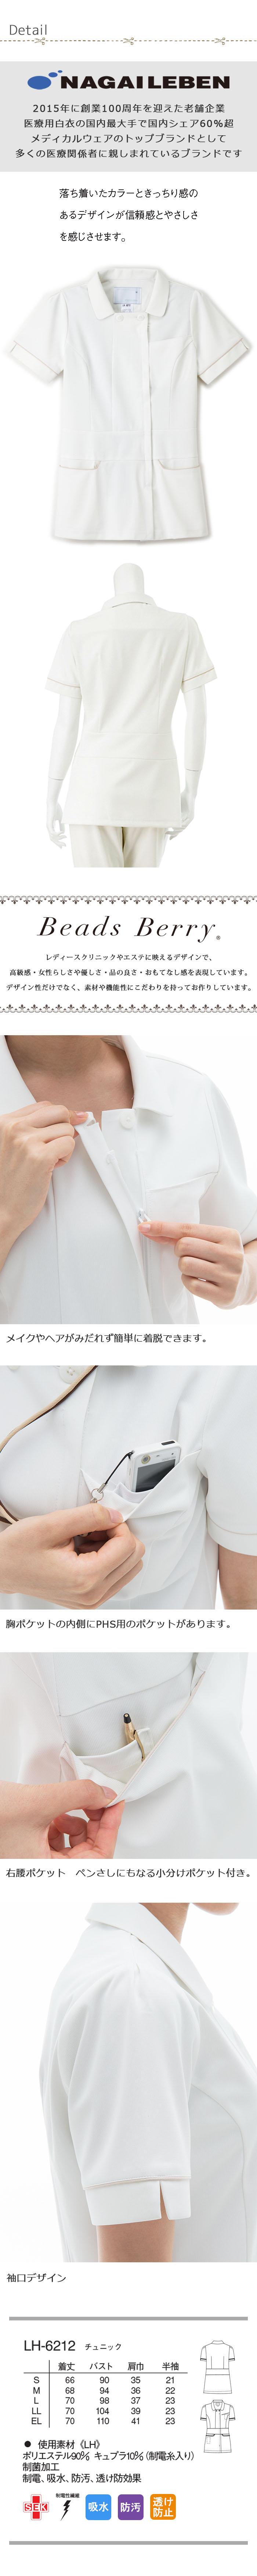 【歯科・美容クリニックユニフォーム】落ち着いたカラーがきちんとした印象に。チュニック【2色】女性用